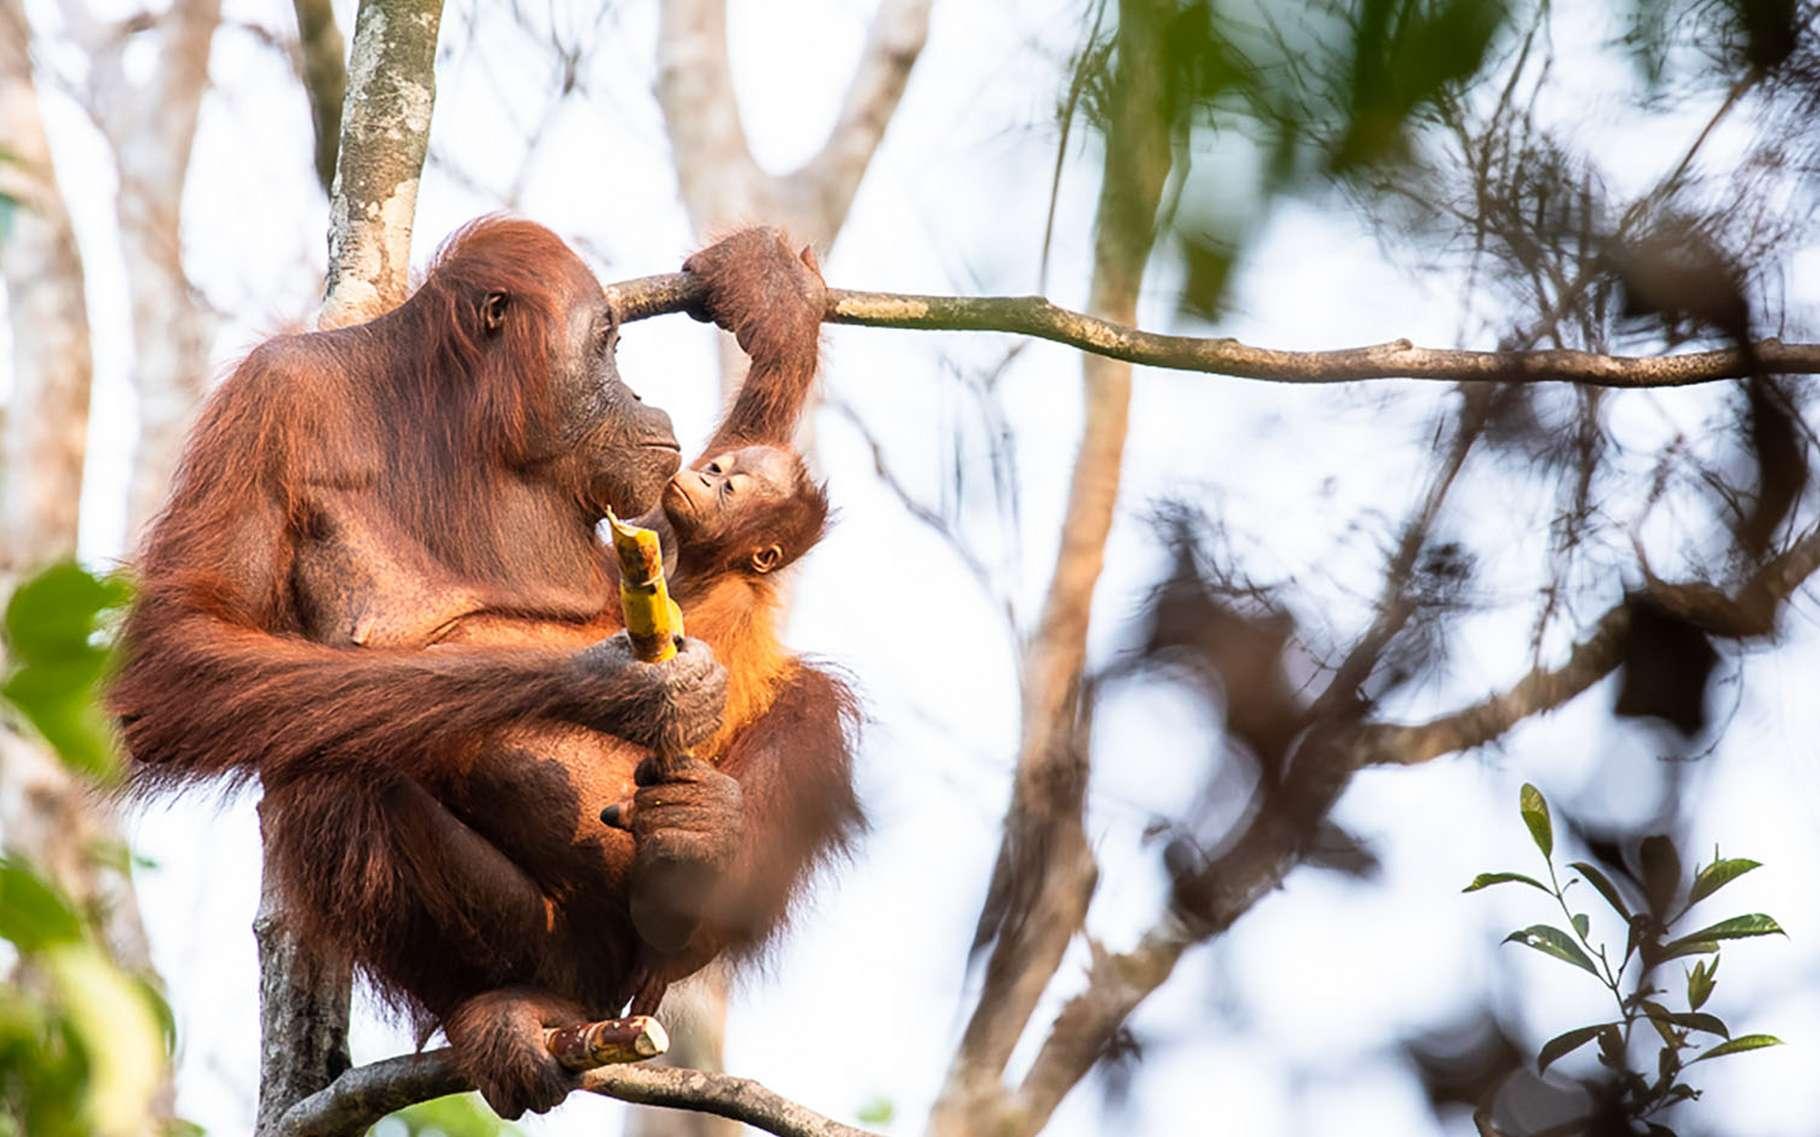 L'orang-outan ou « homme de la forêt ». © Maxime Aliaga, tous droits réservés